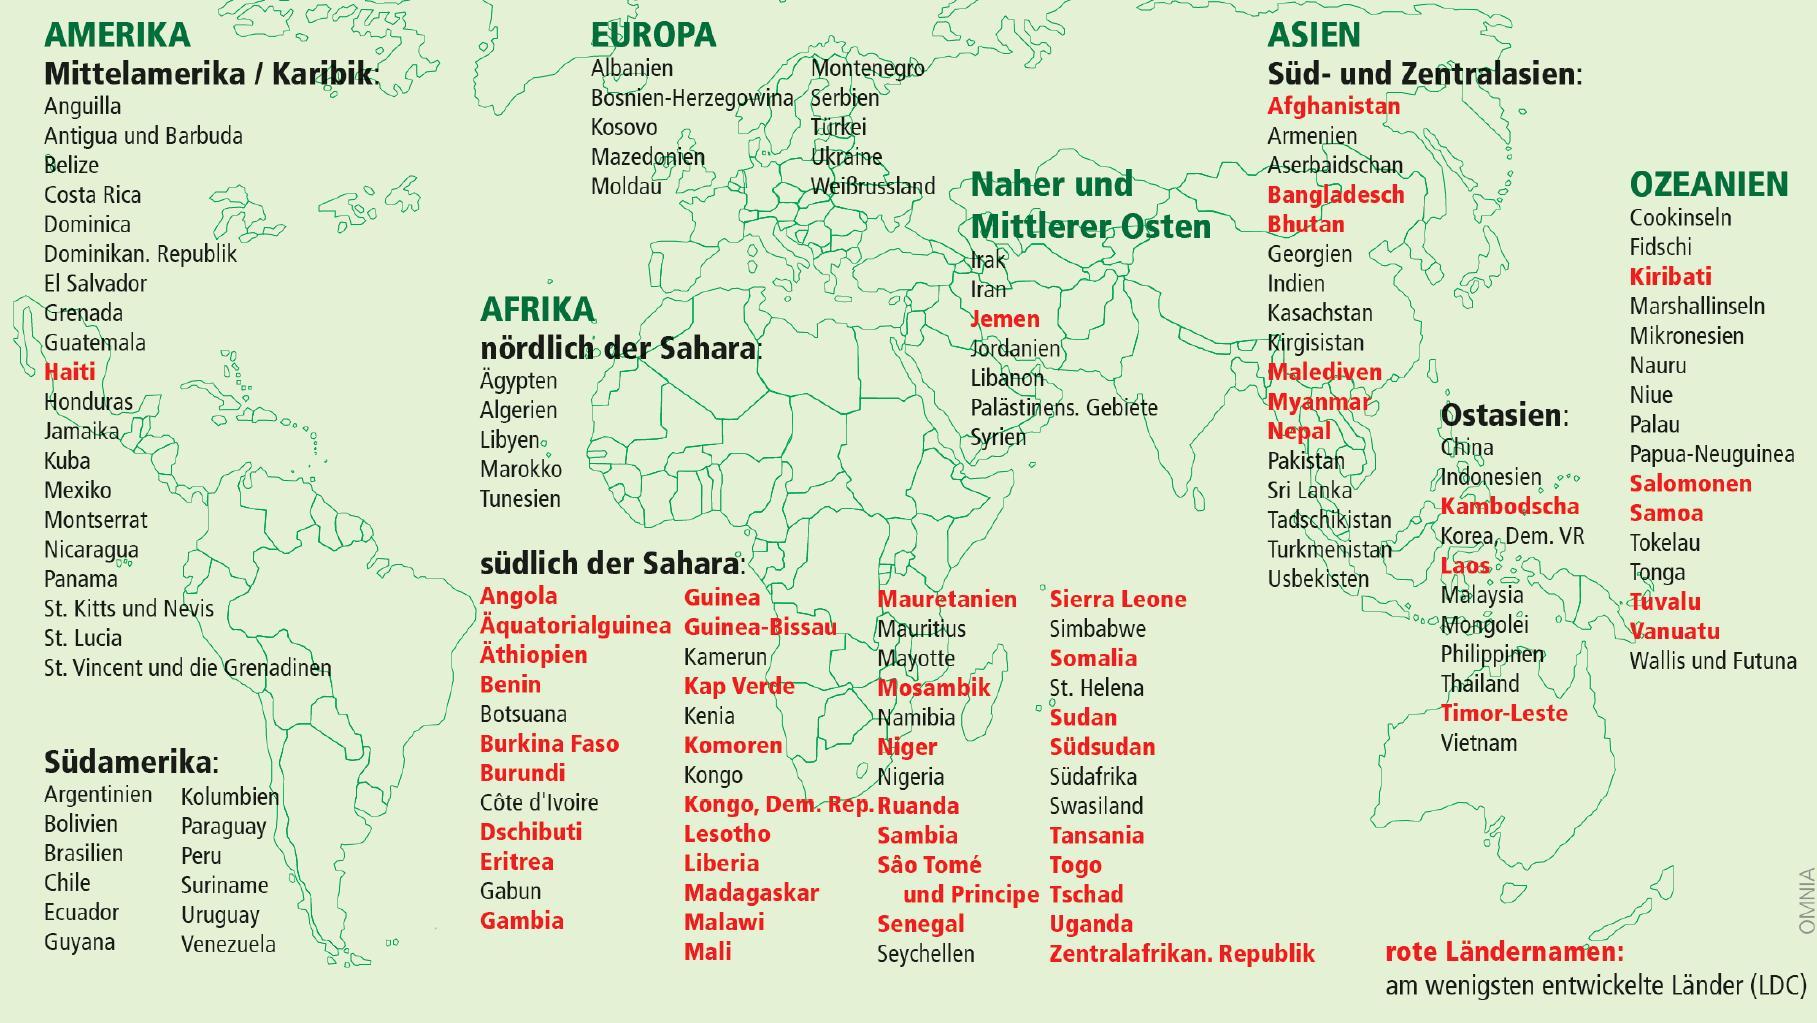 Entwicklungsländer - als Reiseziele tödlicher als gedacht.     Quelle: Omnia.